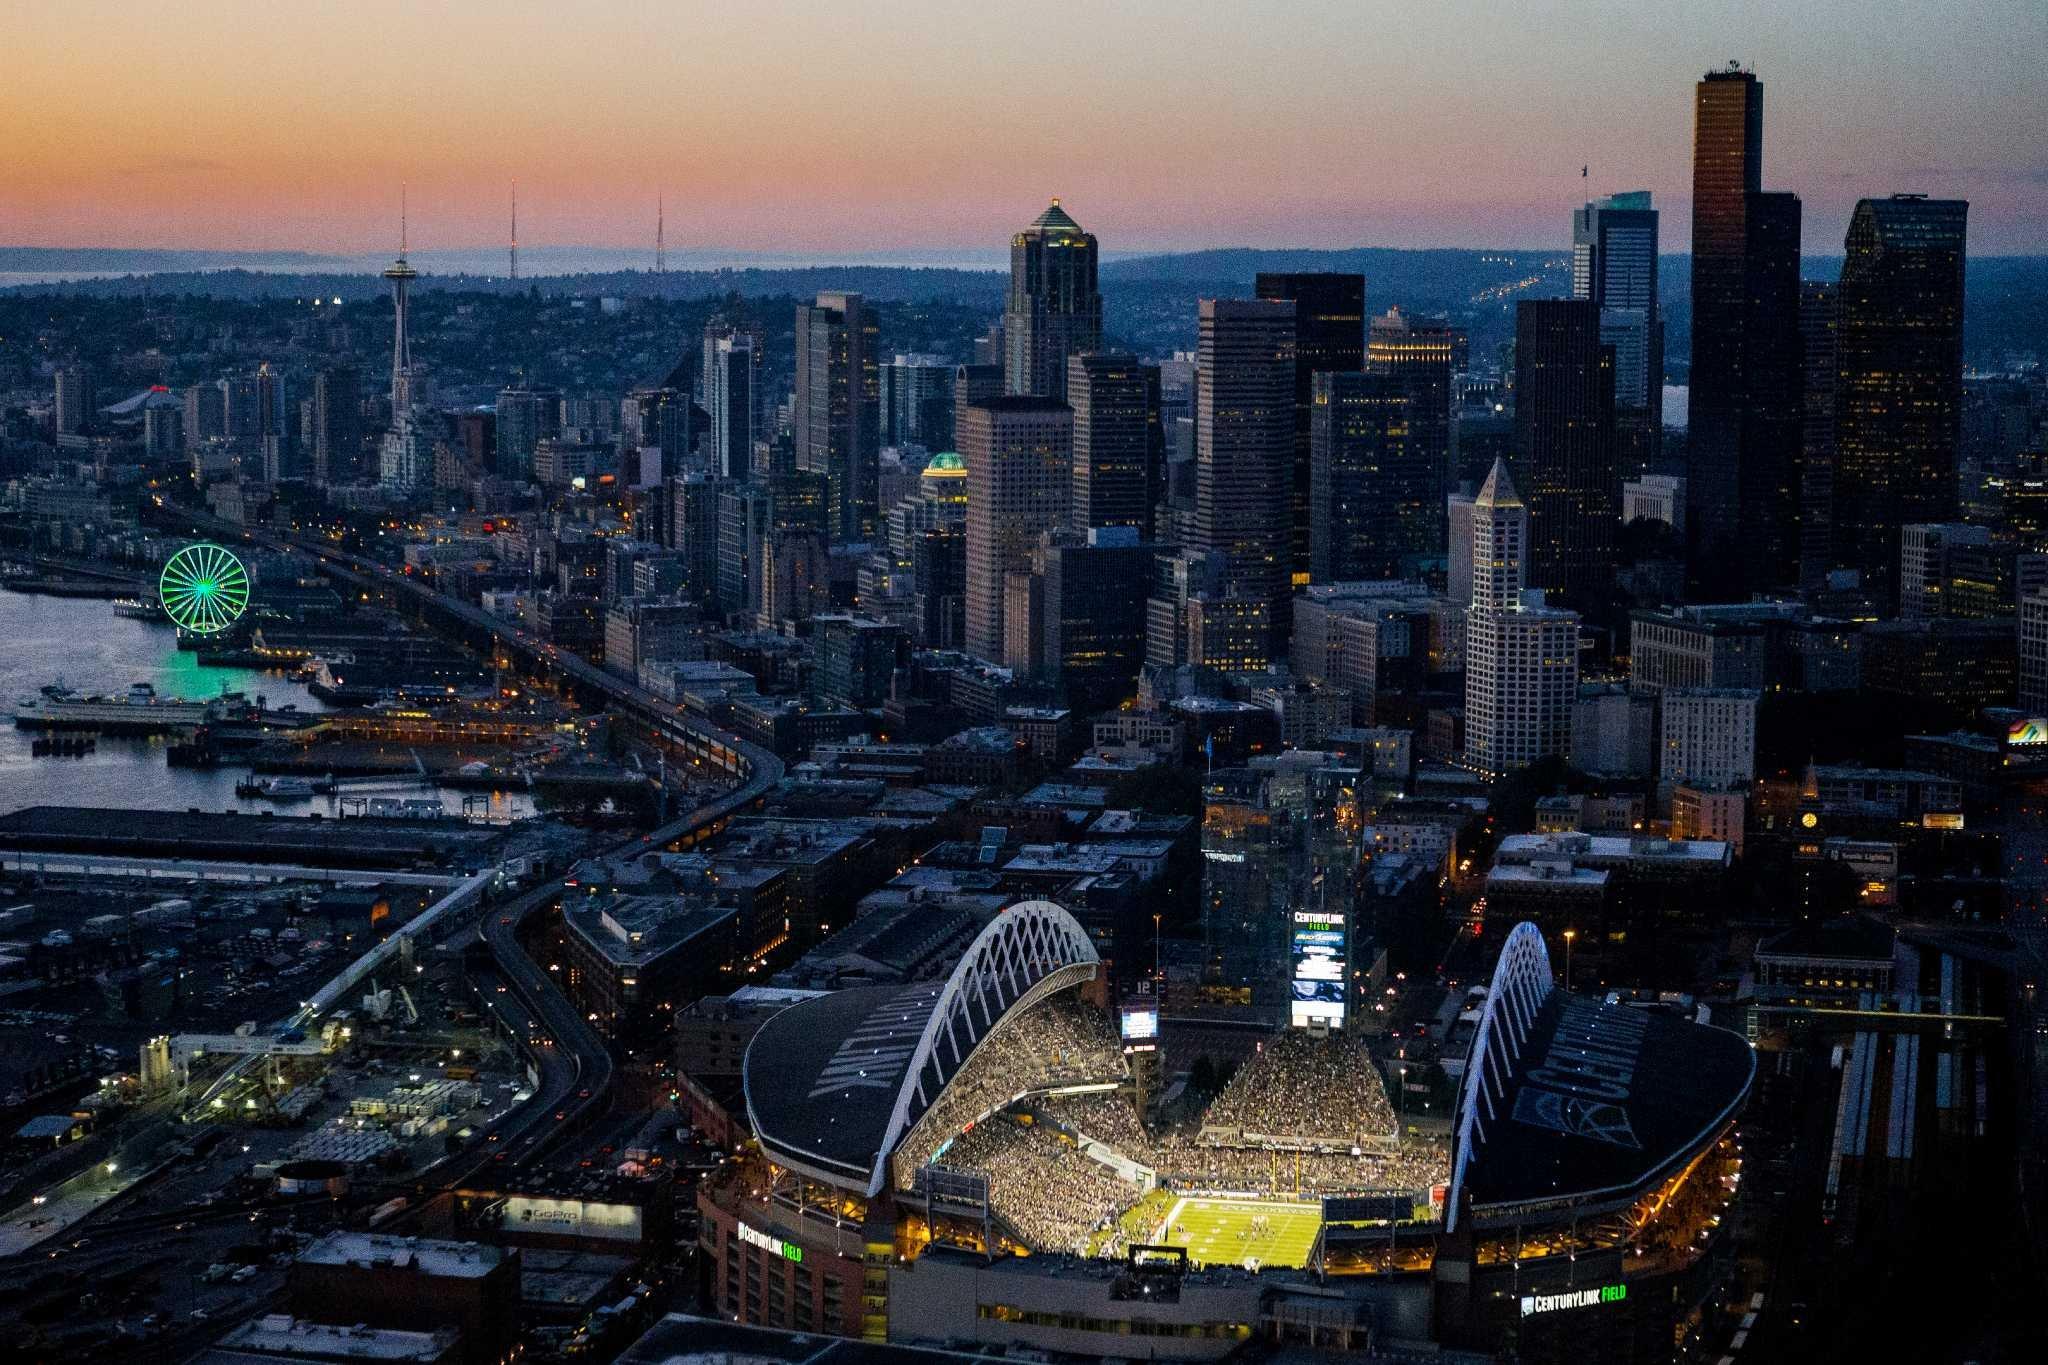 Seahawks Hd Wallpaper Seattle Seahawk Stadium Backgrounds Pixelstalk Net